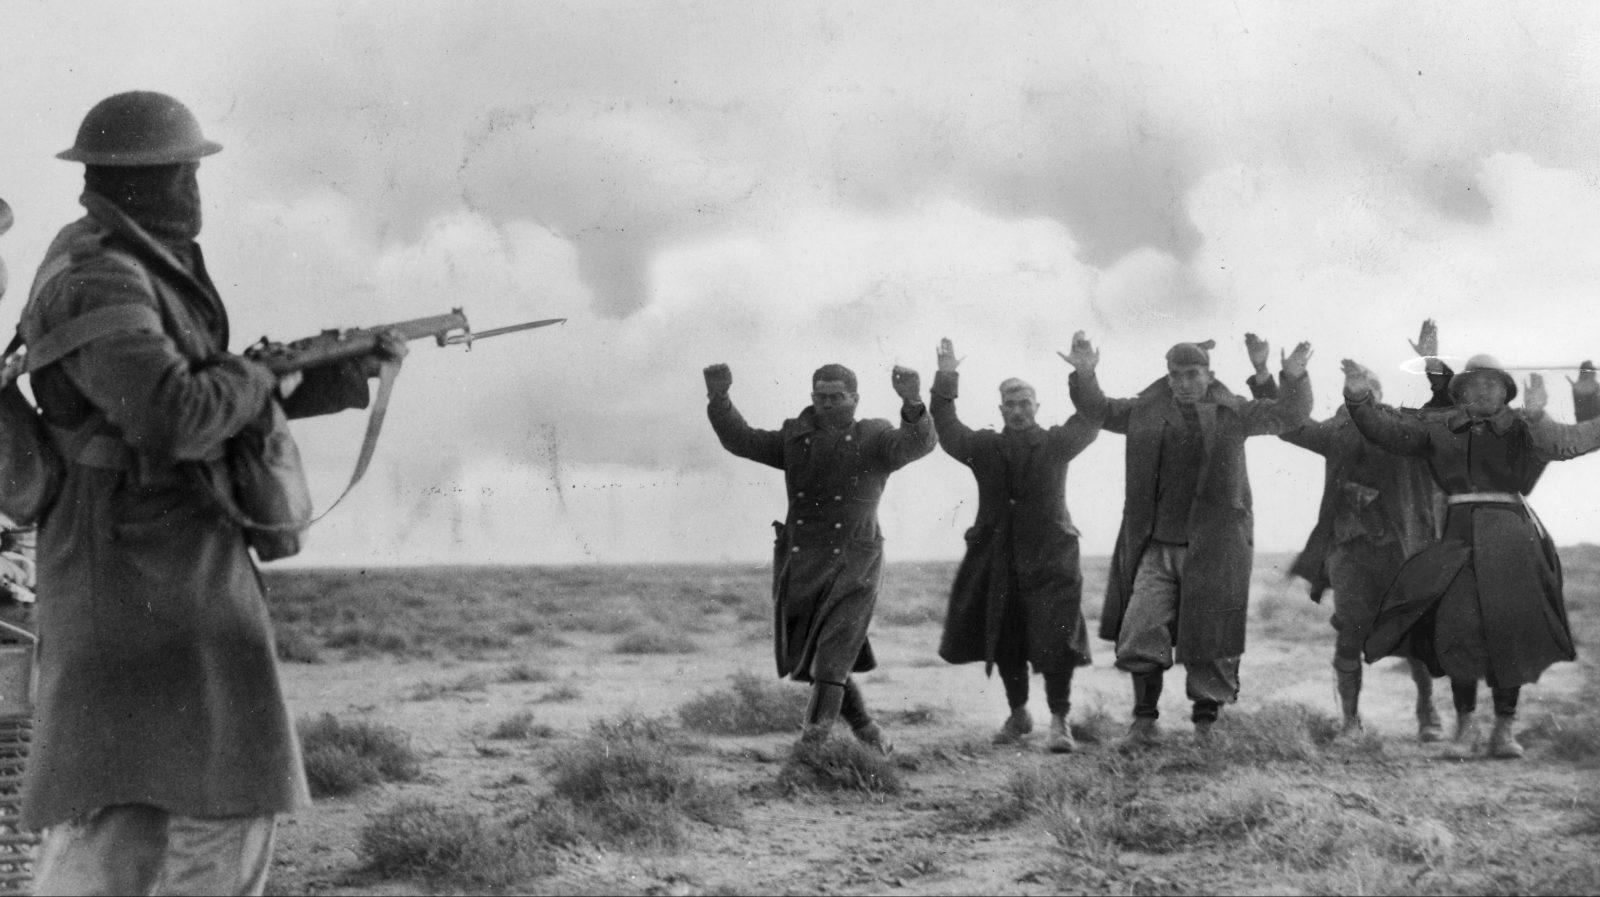 Perché non dobbiamo dimenticare la storia degli internati militari italiani